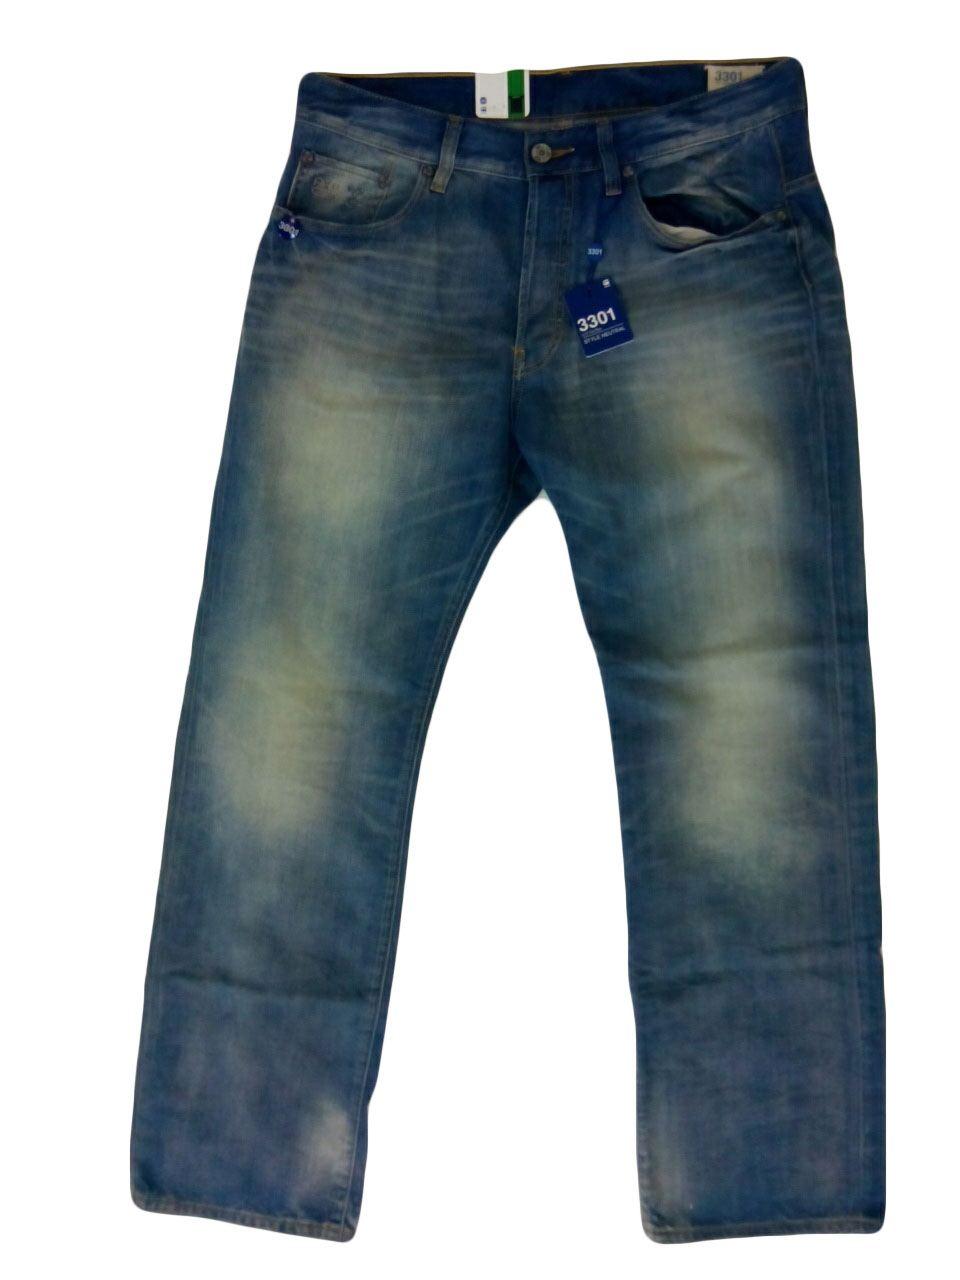 g star men 39 s 3301 loose fit denim jeans. Black Bedroom Furniture Sets. Home Design Ideas